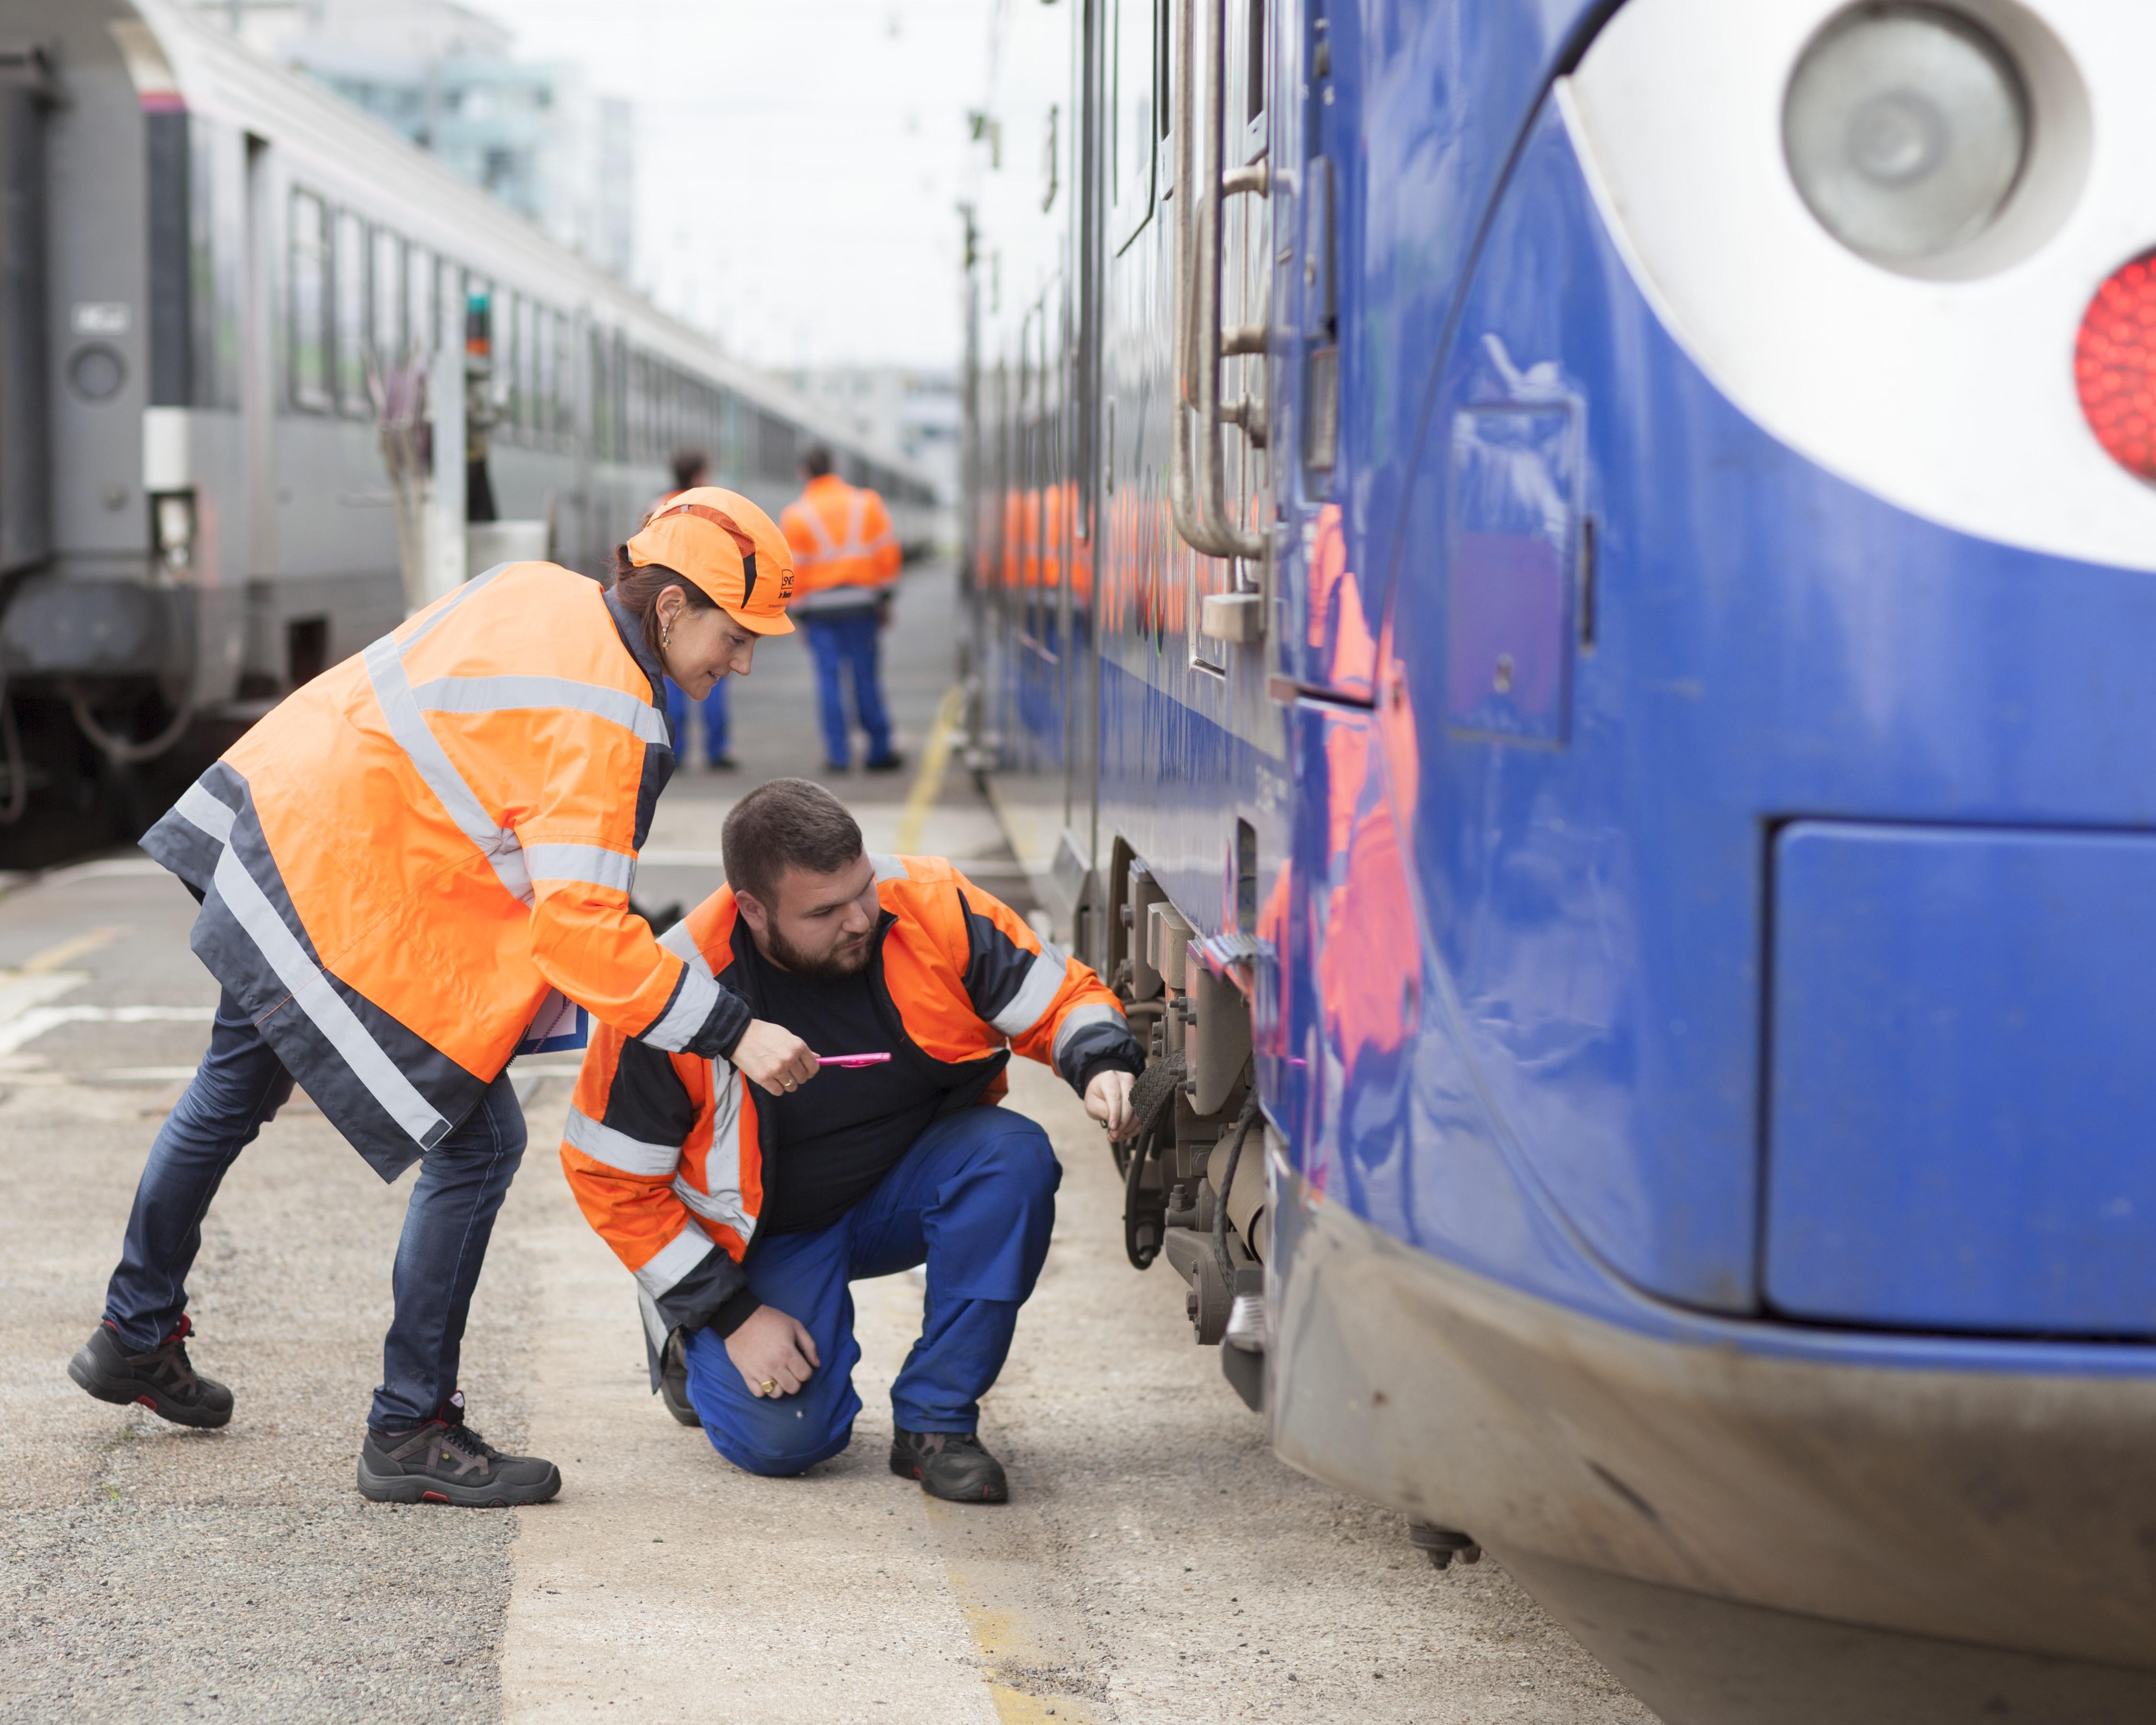 SNCF favorise les mobilités internes, qu'elles soient horizontales ou verticales. 70% des cadres le sont devenus par promotion interne.